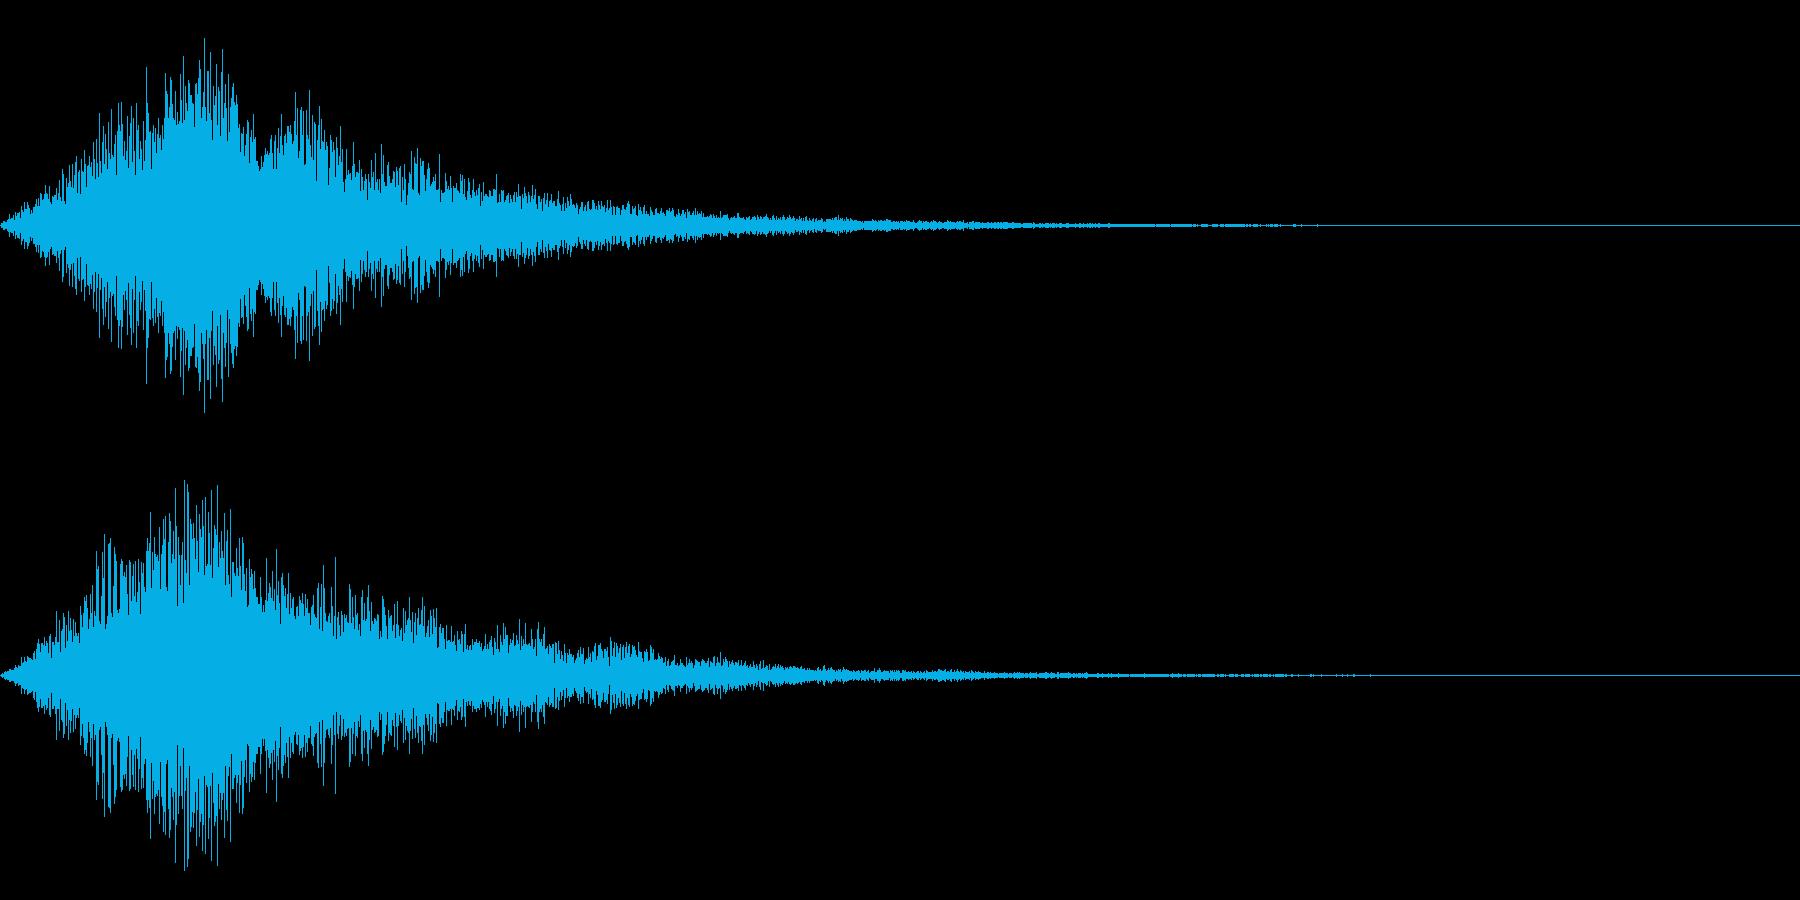 ズォォーン(SF的)の再生済みの波形